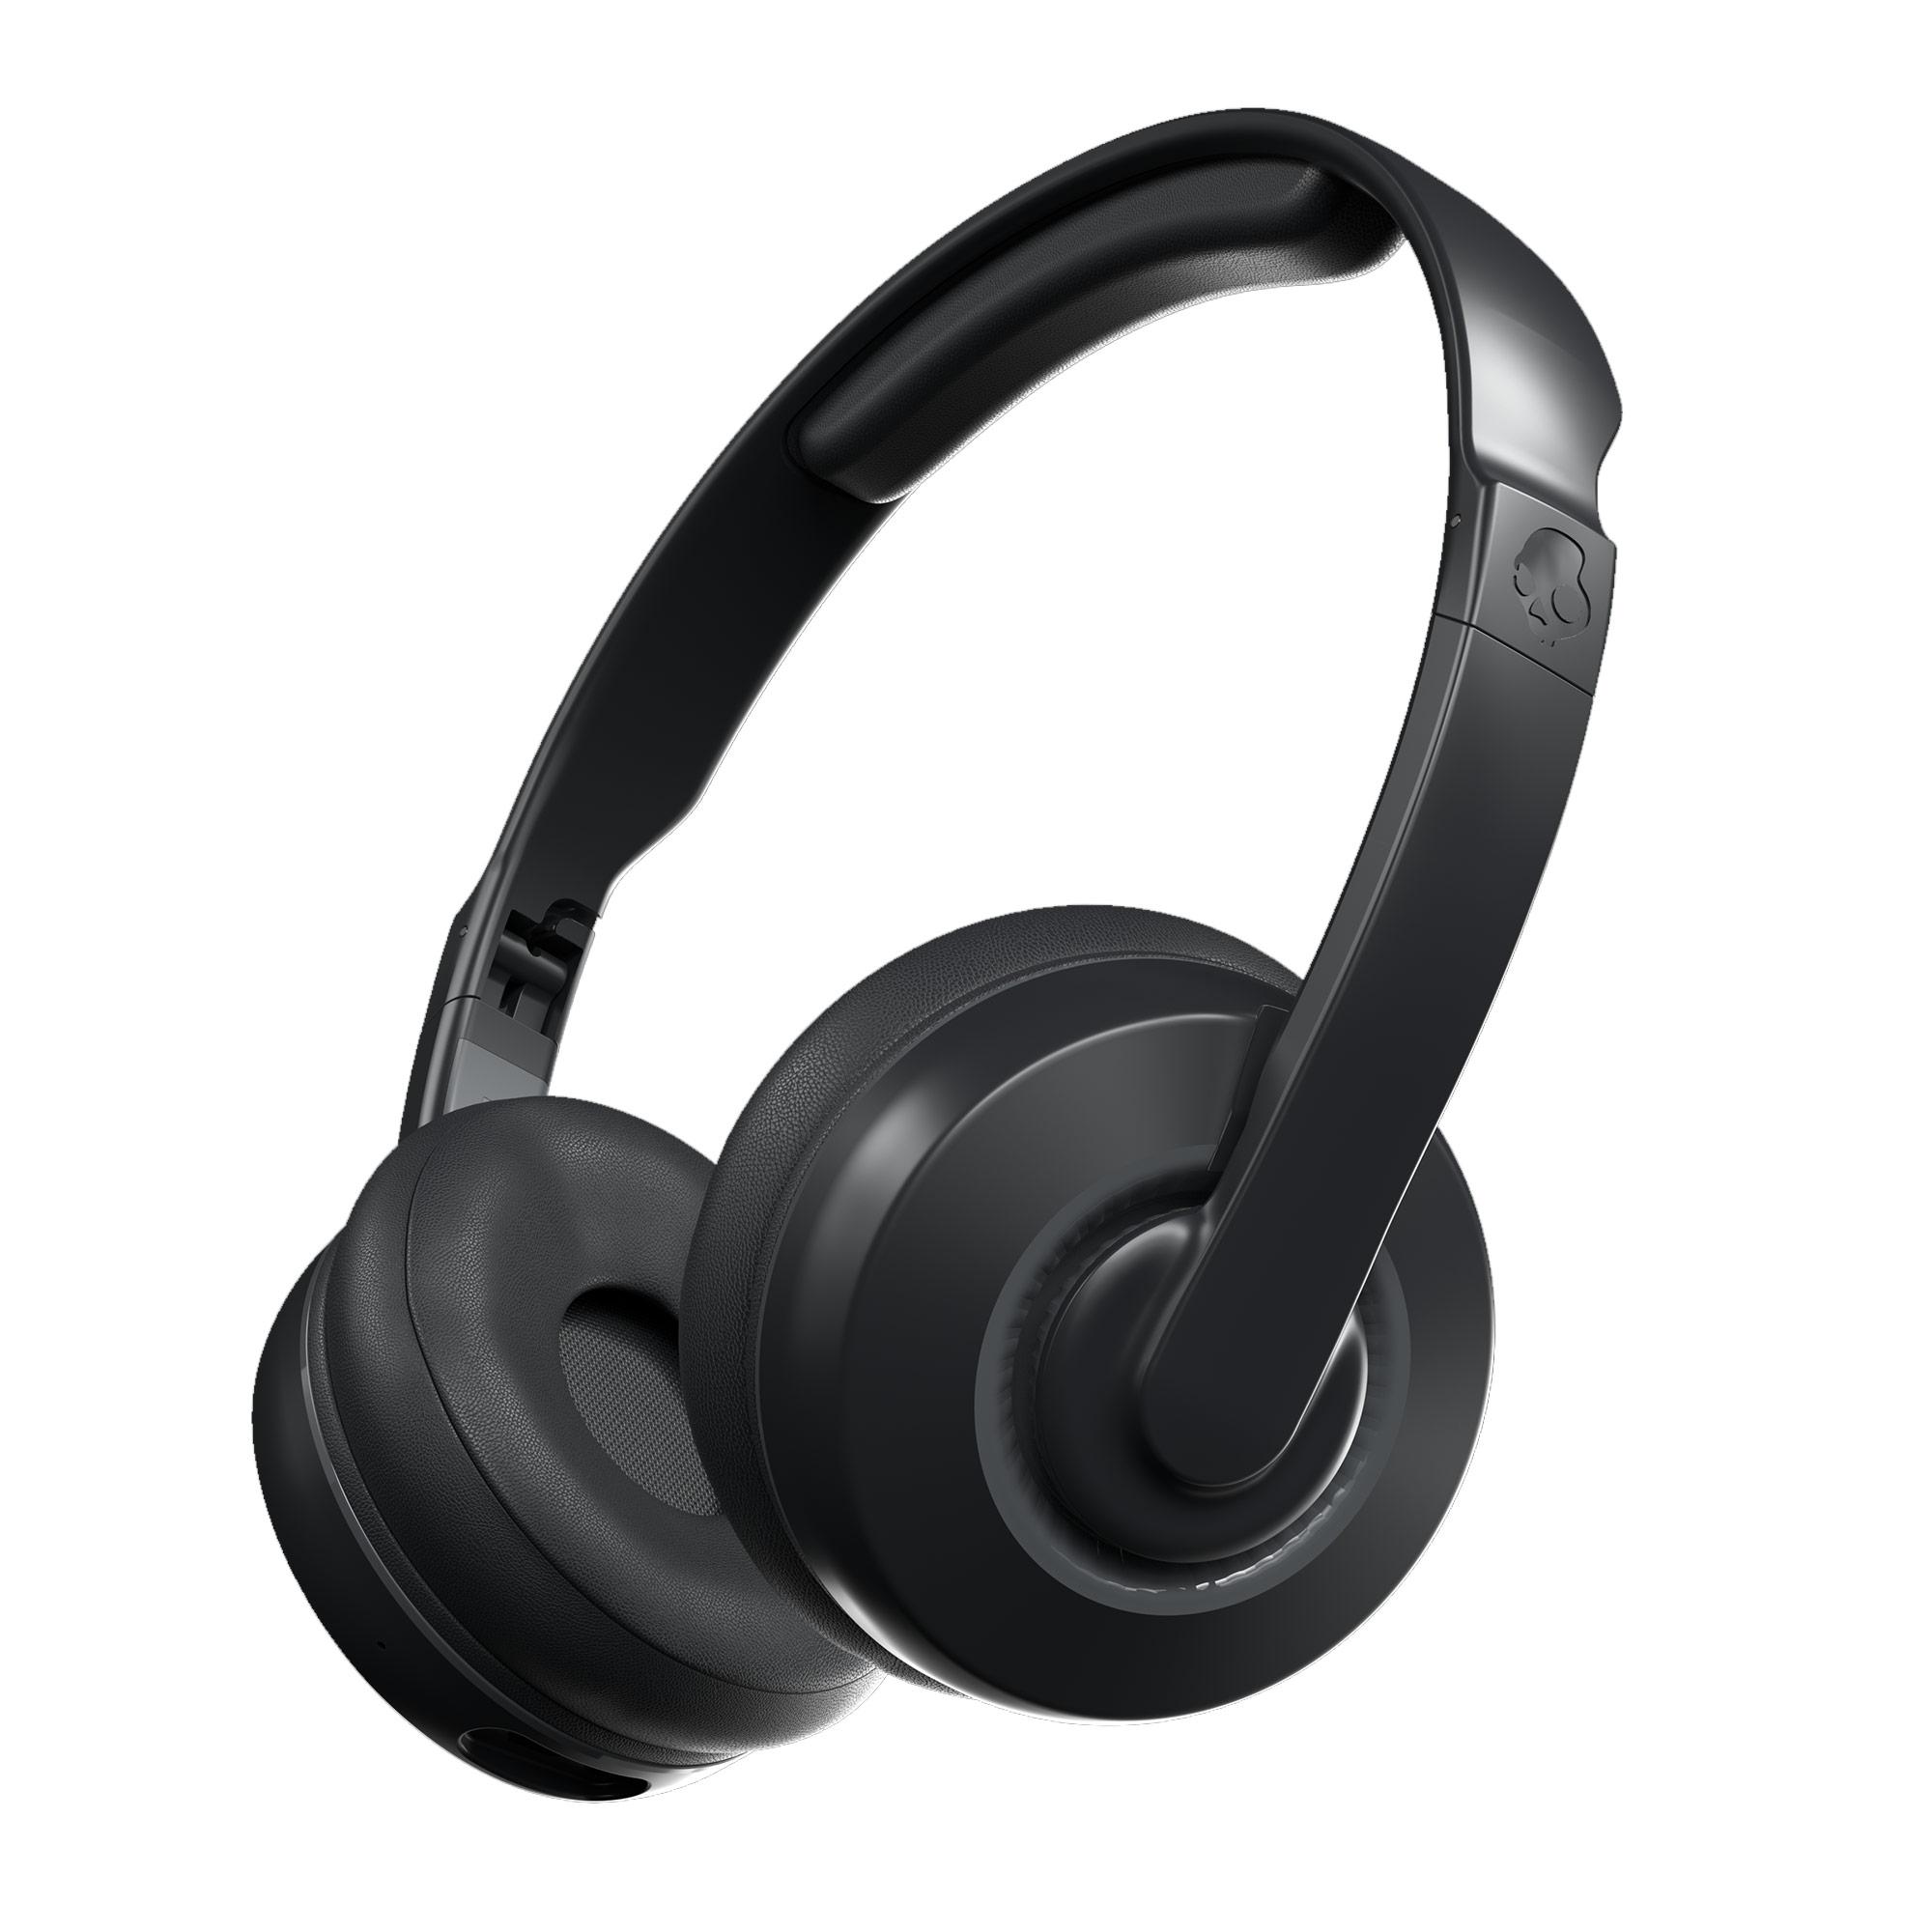 Skullcandy Cassette Wireless On-Ear Headphone – Black for $29